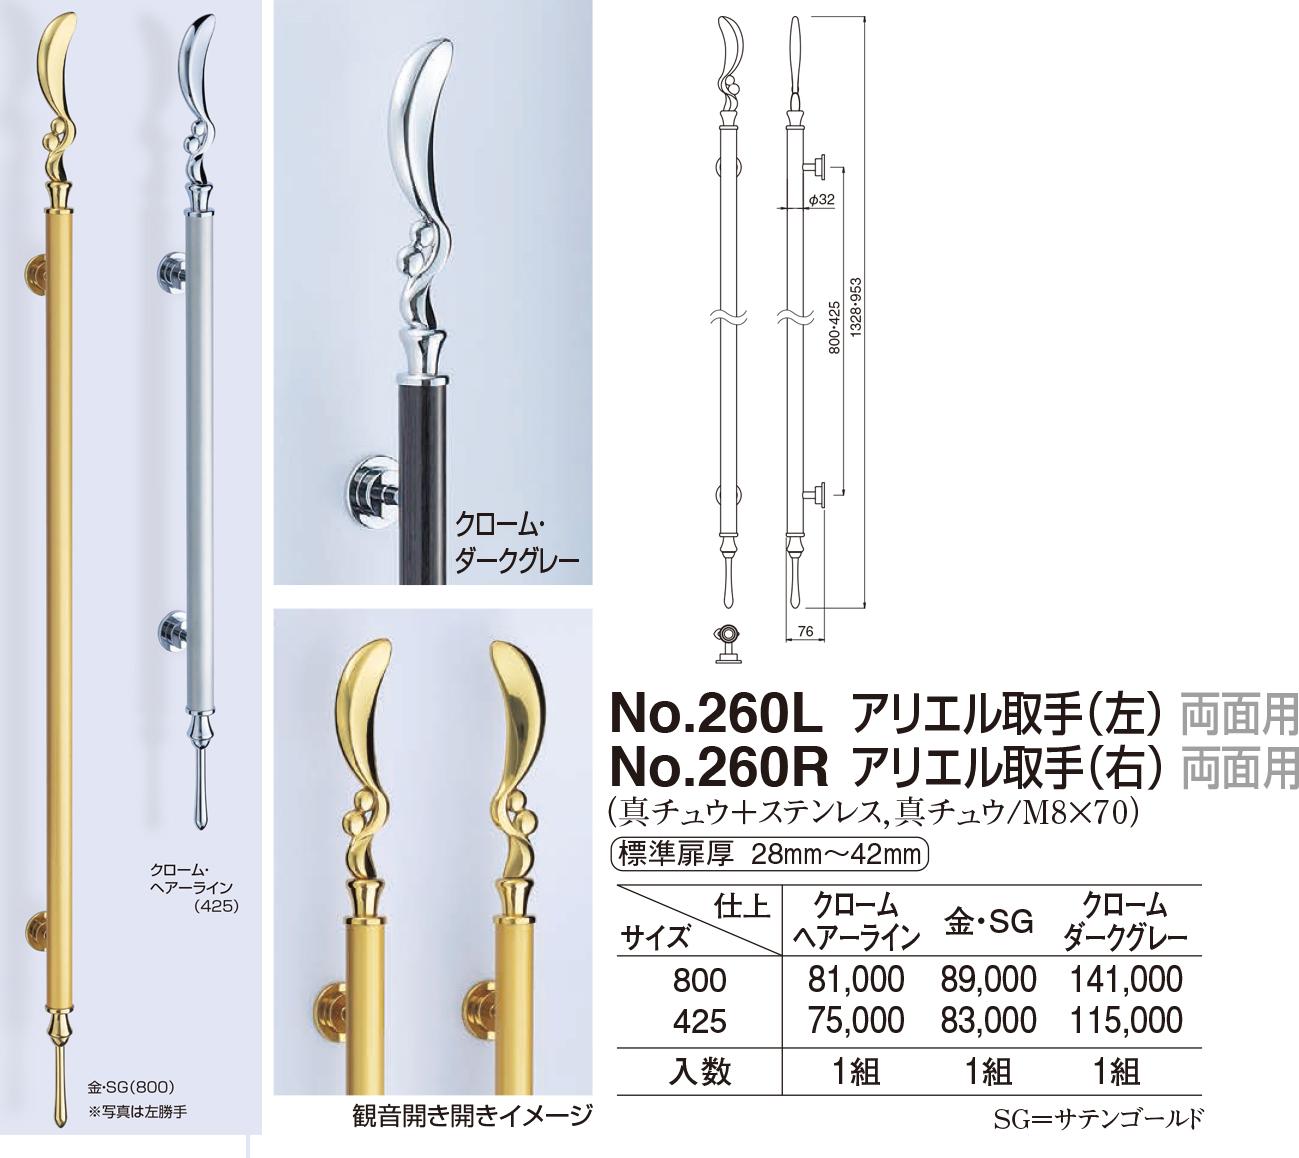 【シロクマ】アリエル取手(左) 両面用 No.260L 800 クローム・ダークG